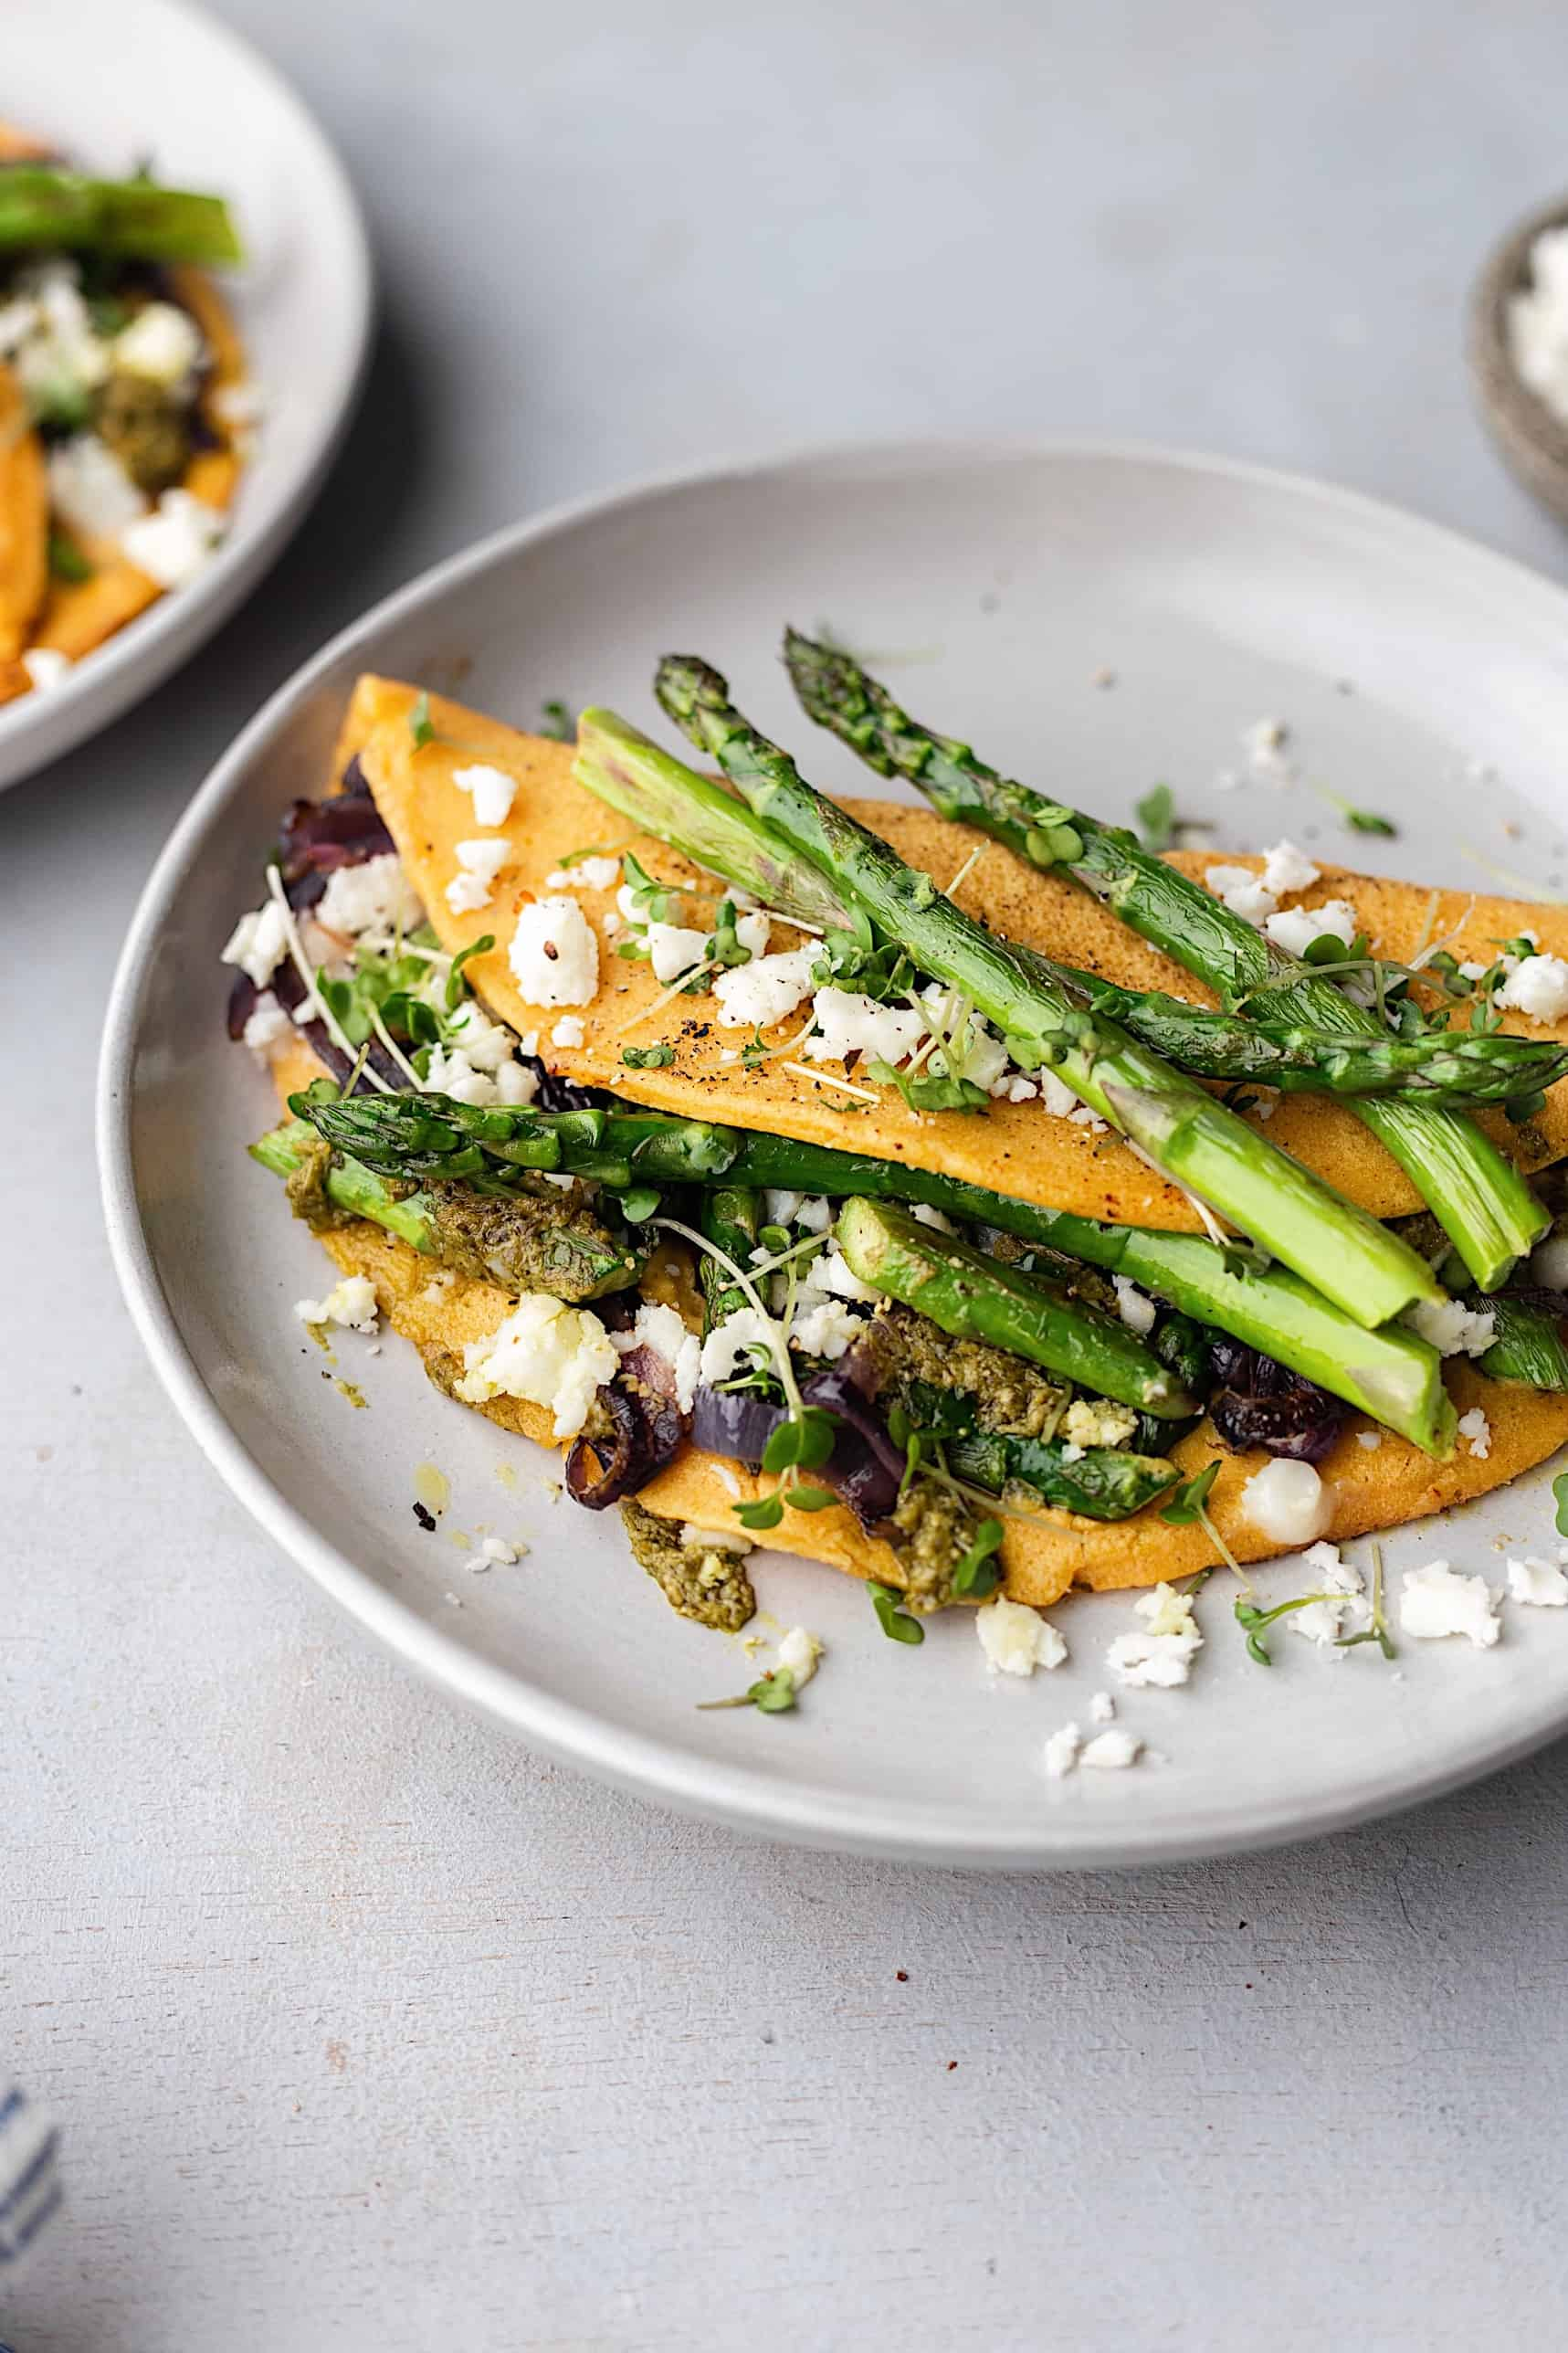 Vegan Asparagus, Pesto and Feta Omelette #vegan #recipe #spring #asparagus #omelette